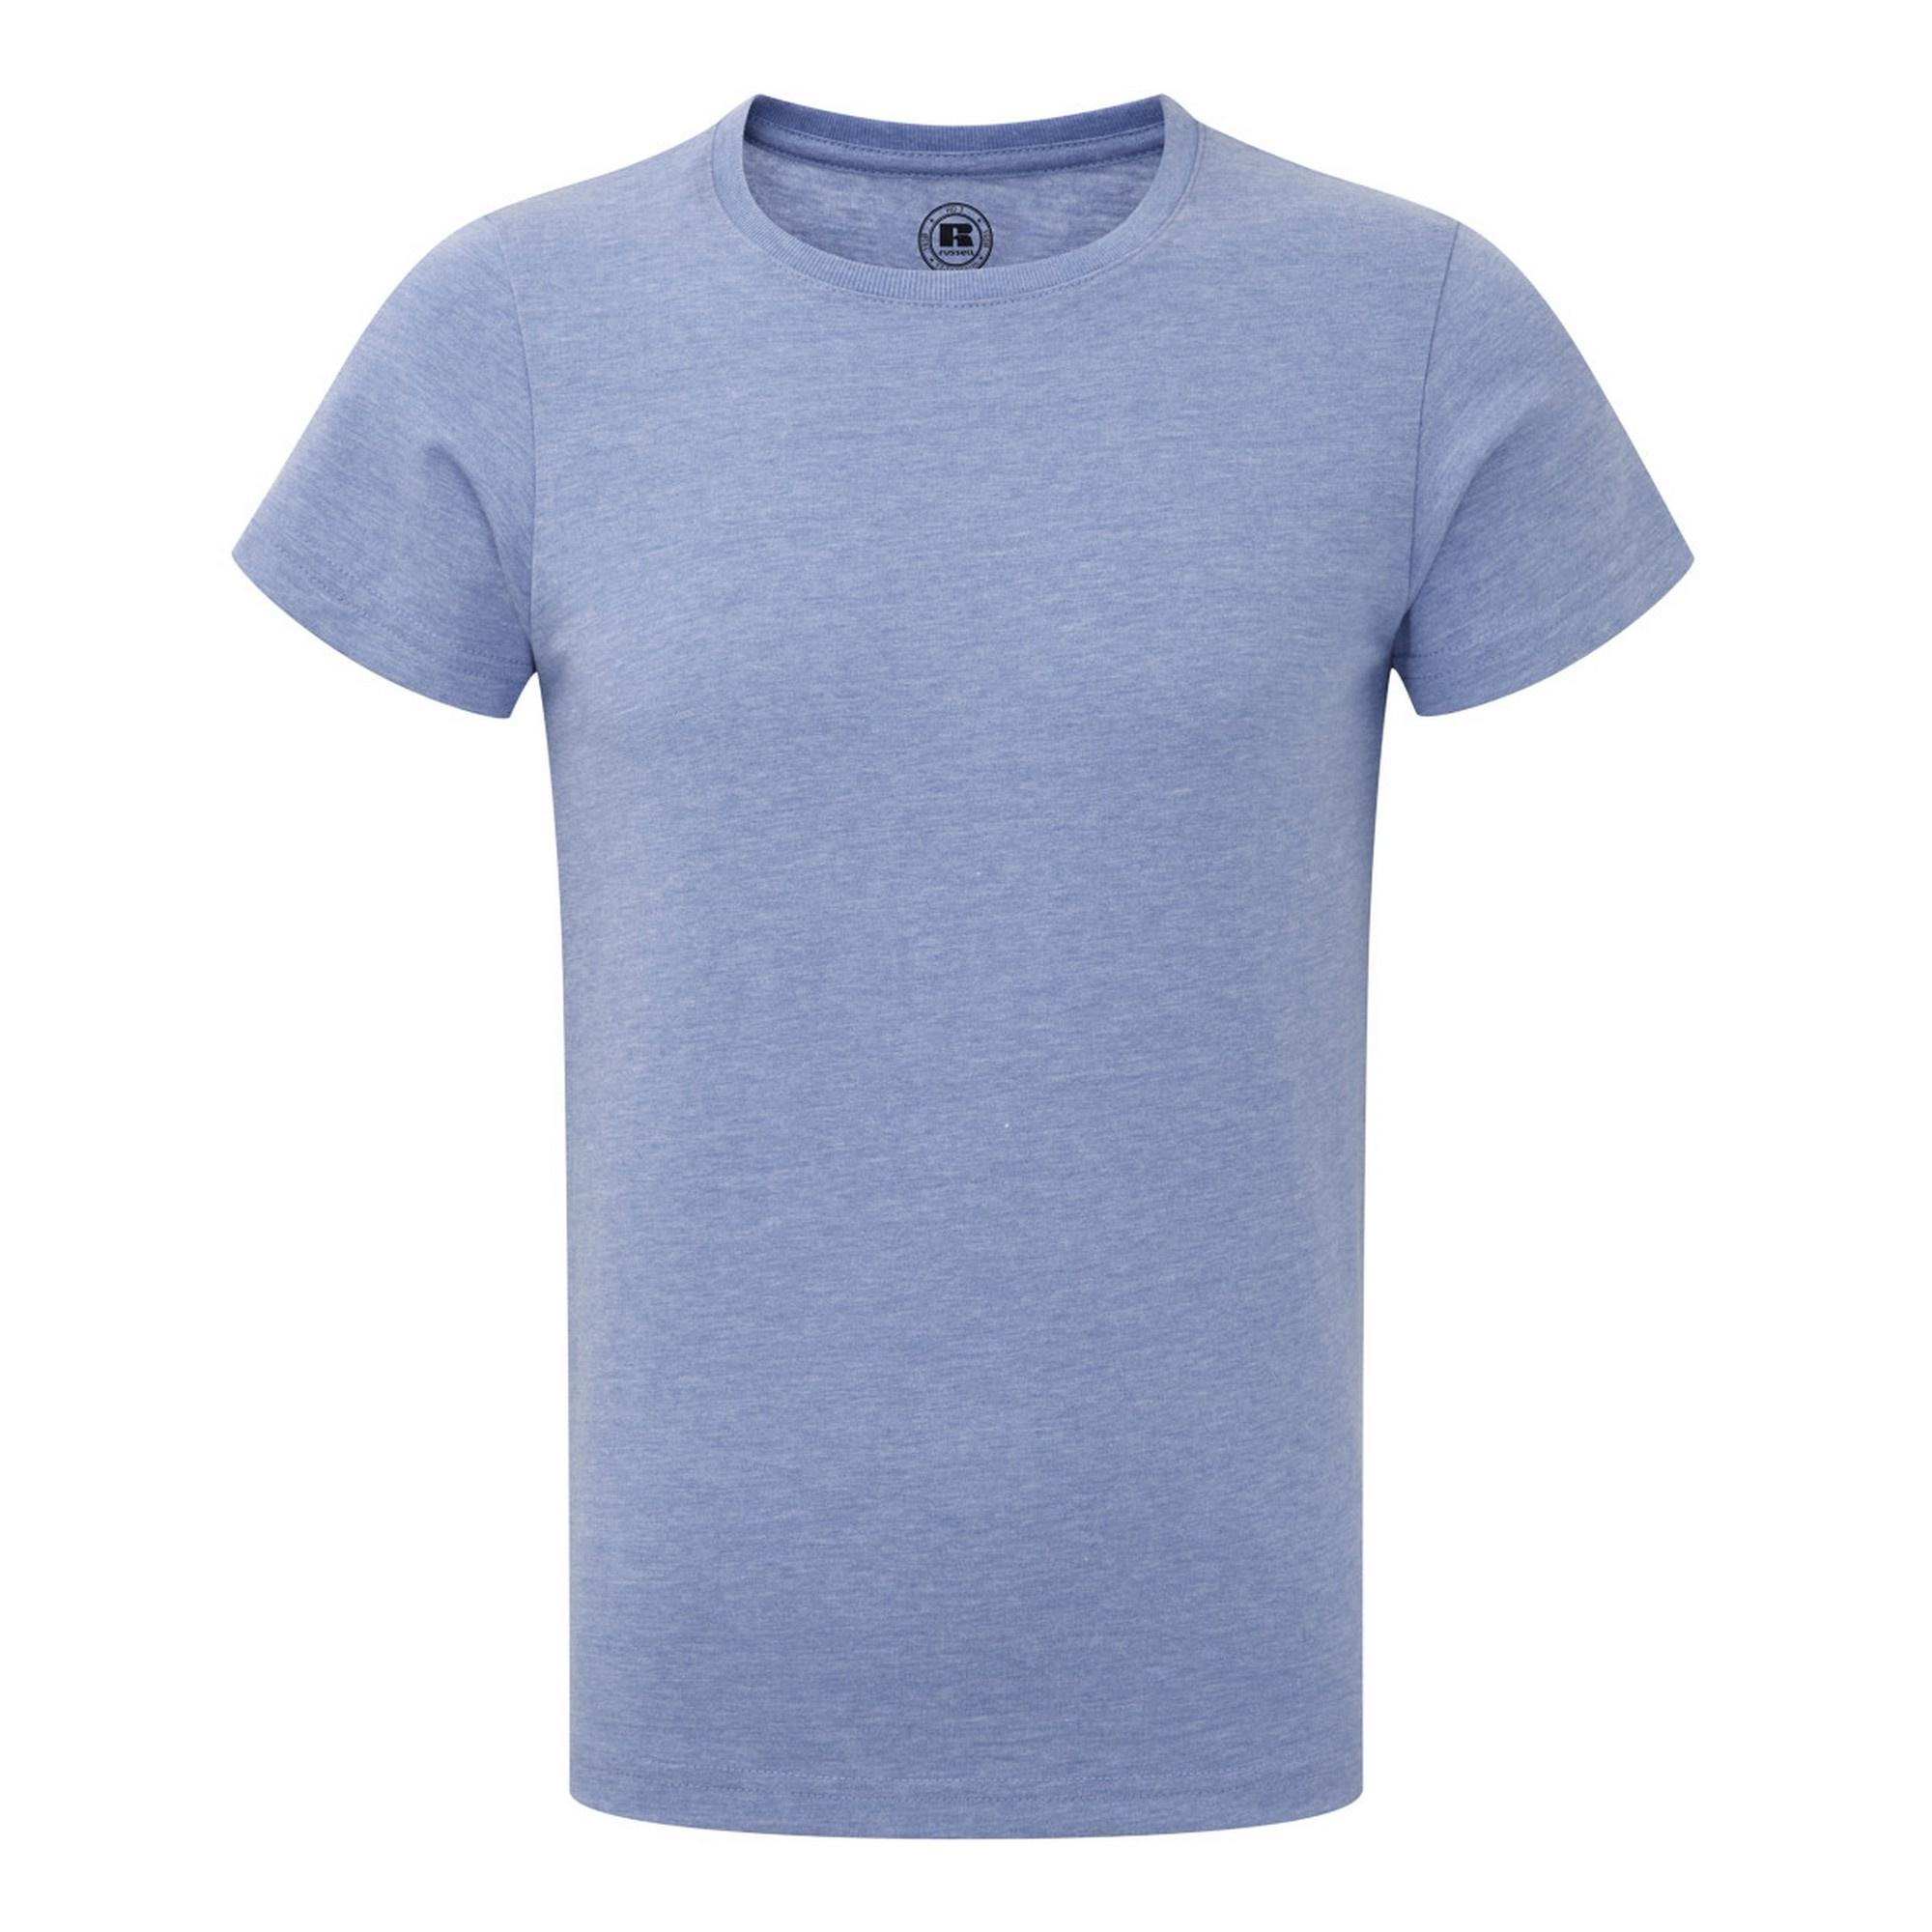 Russell-Camiseta-de-manga-corta-para-ninos-RW4706